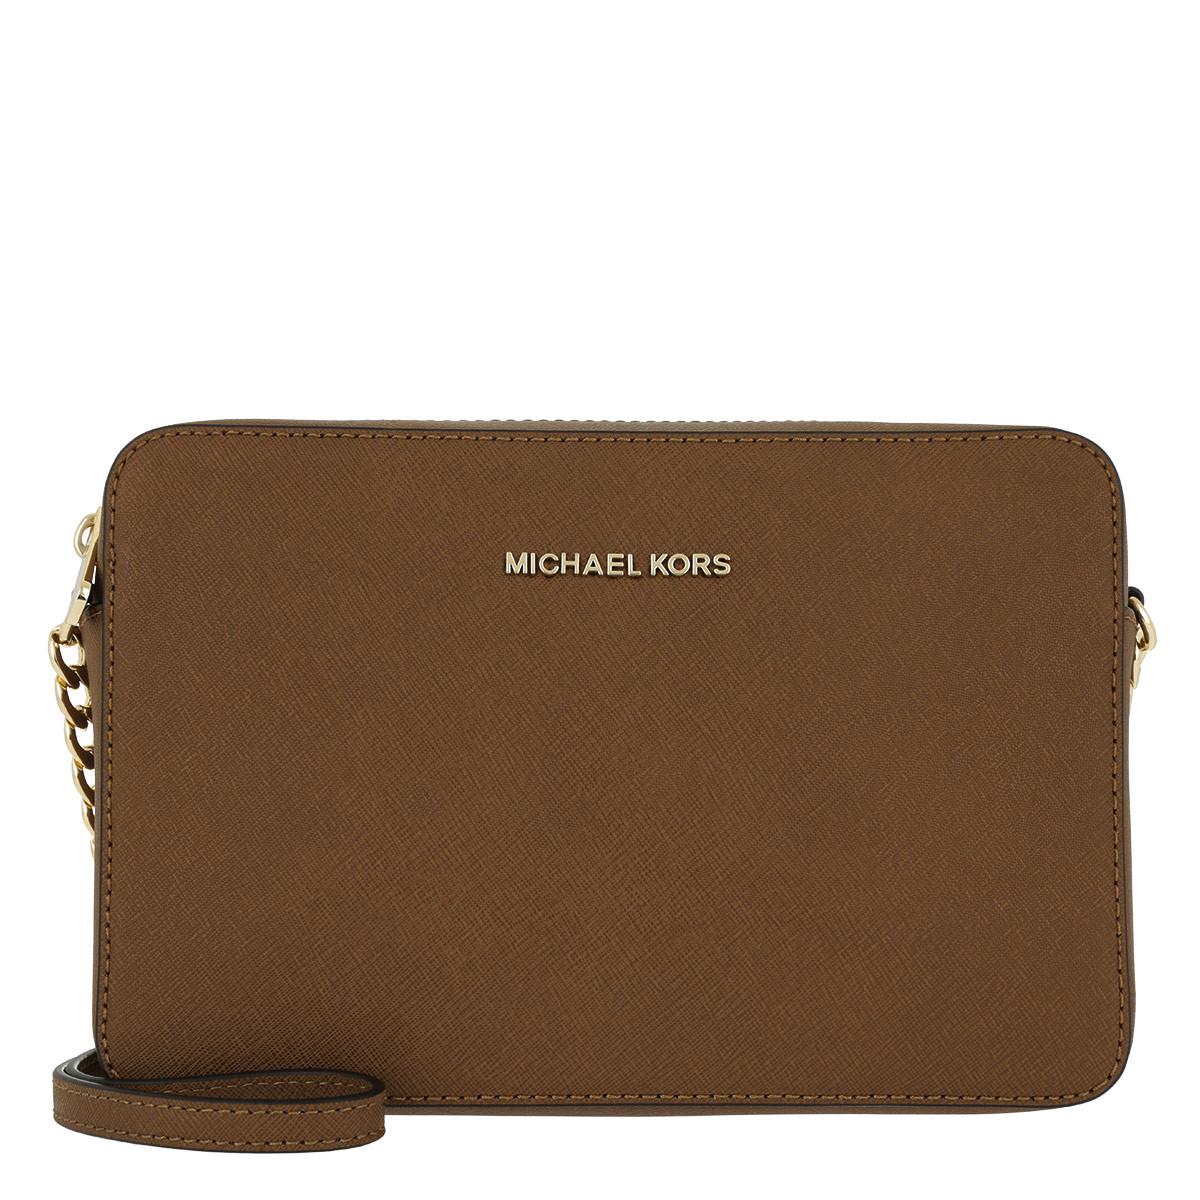 Michael Kors Umhängetasche - Jet Set Travel LG EW Crossbody Luggage - in cognac - für Damen